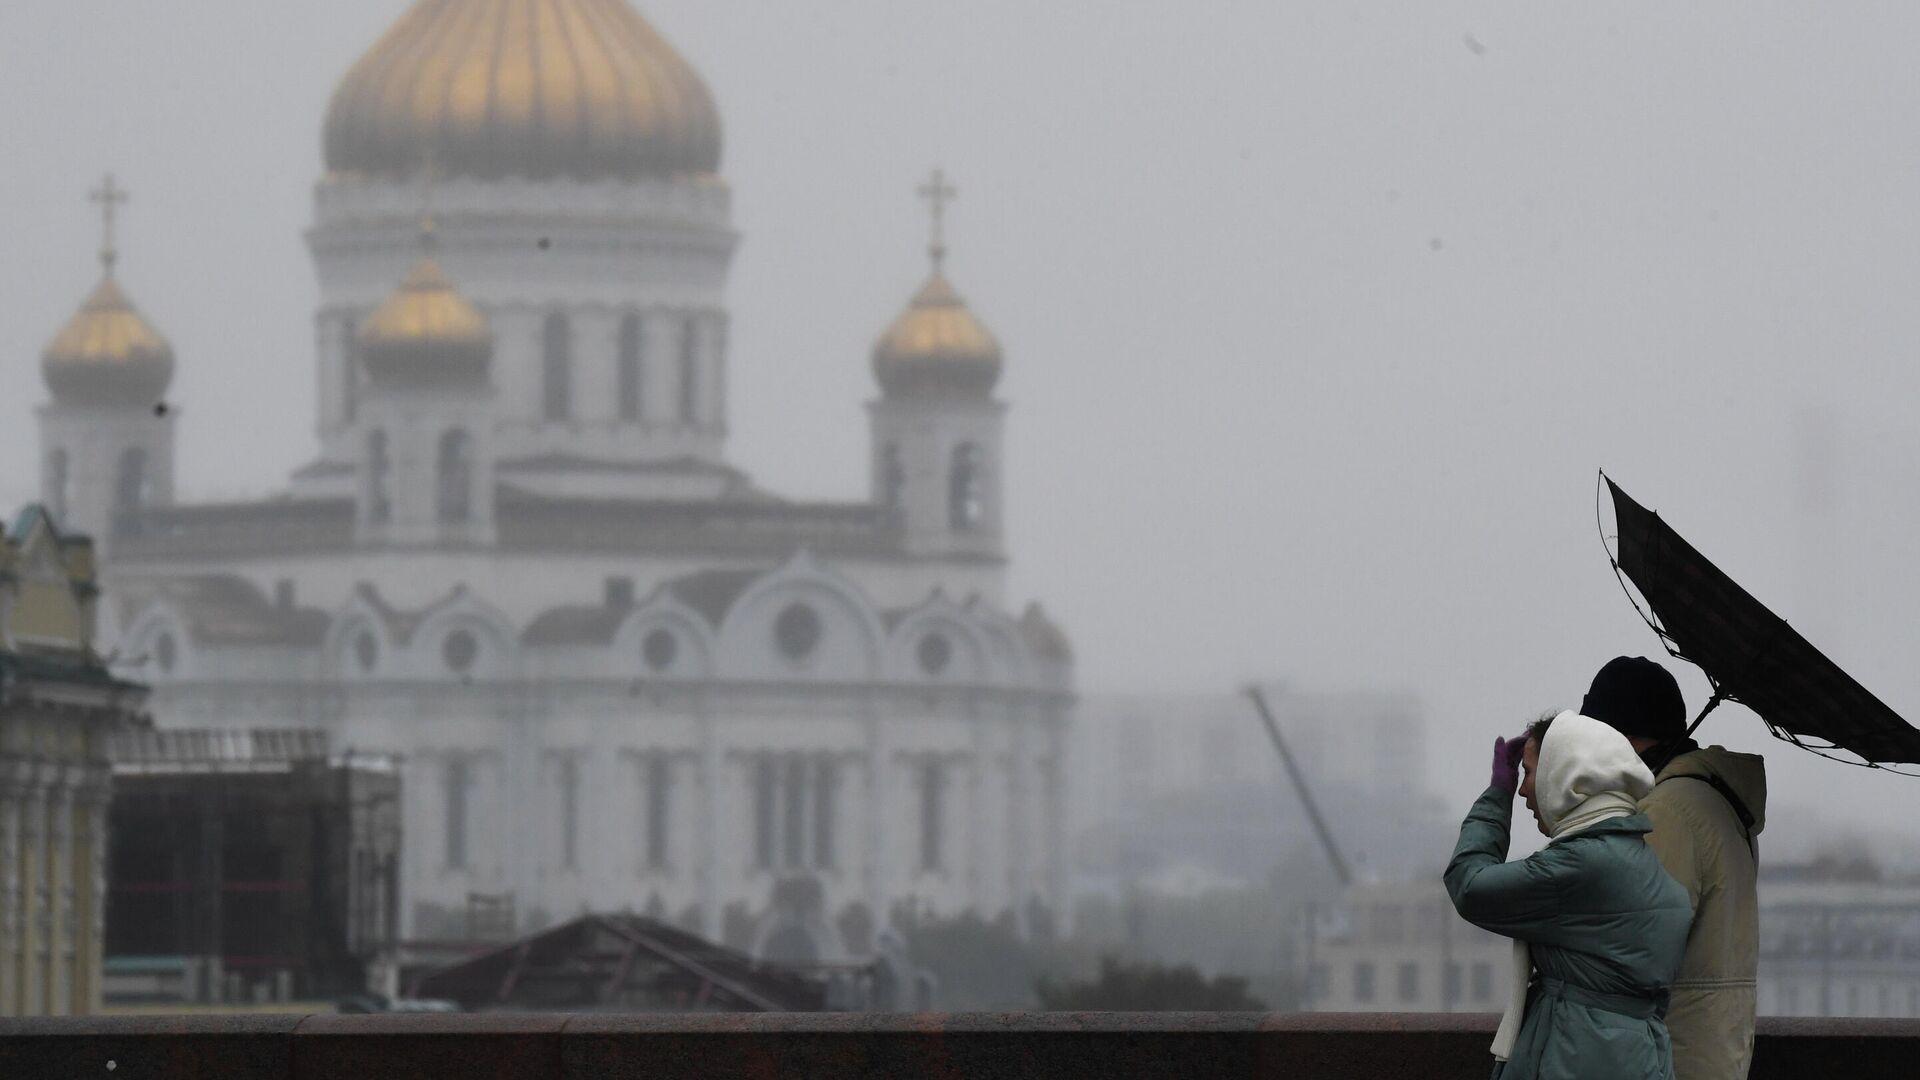 Дождь в Москве - РИА Новости, 1920, 20.09.2021